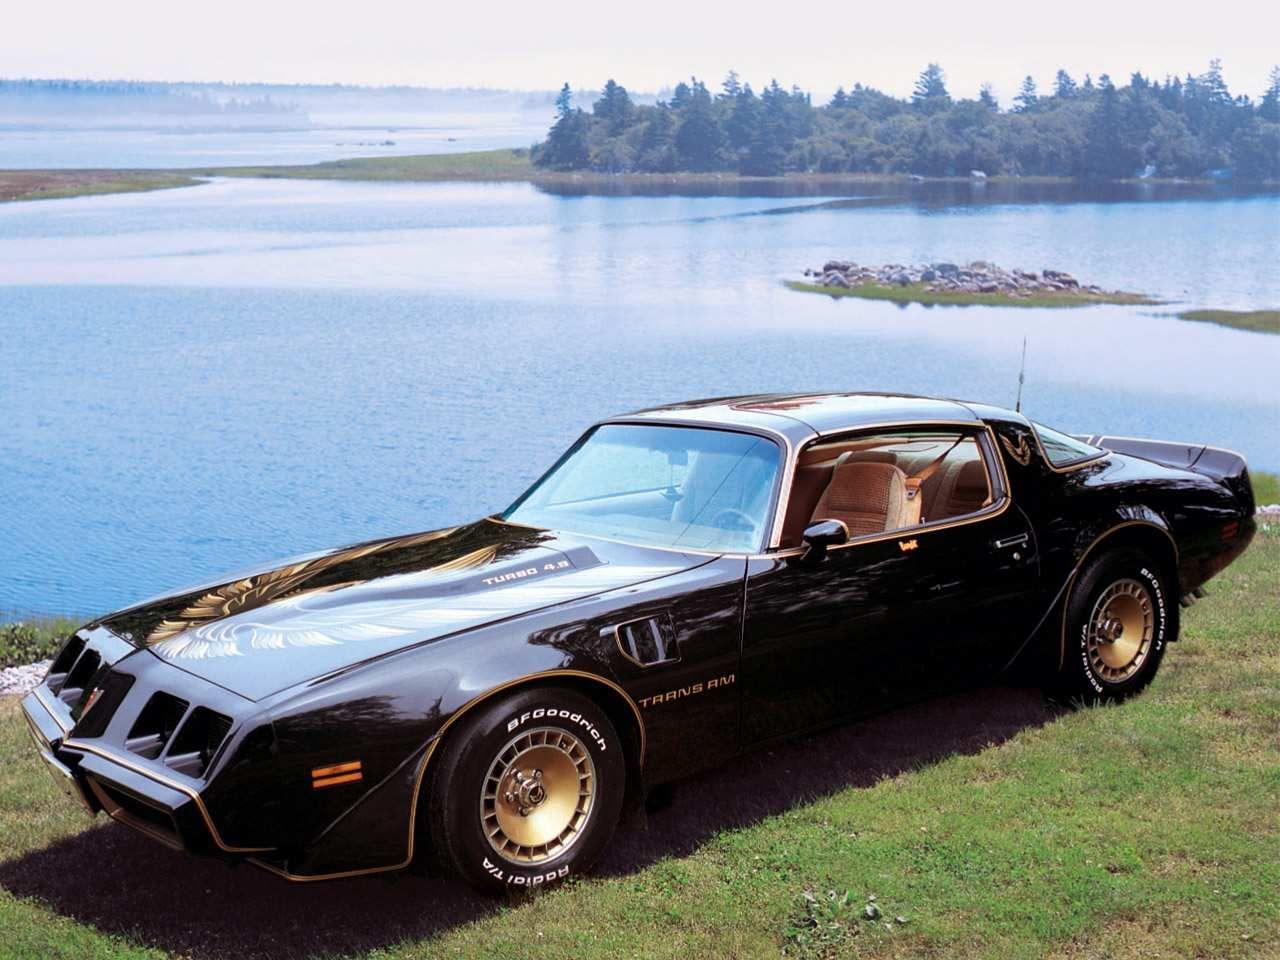 1981 Pontiac Firebird Trans Am Bandit (1280×960)